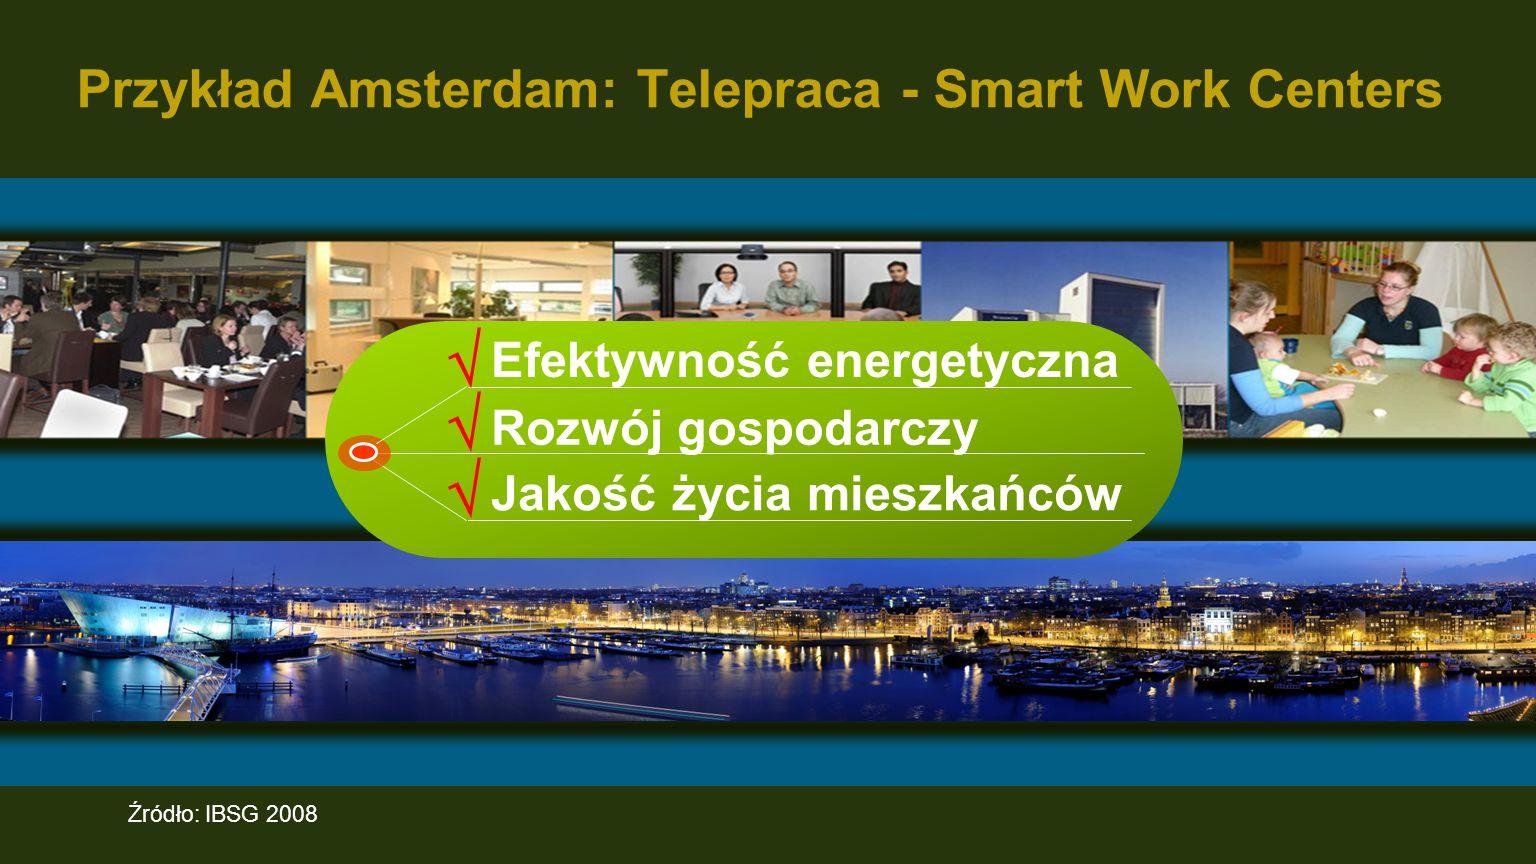 Przykład Amsterdam: Telepraca - Smart Work Centers Źródło: IBSG 2008 Rozwój gospodarczy Jakość życia mieszkańców Efektywność energetyczna   